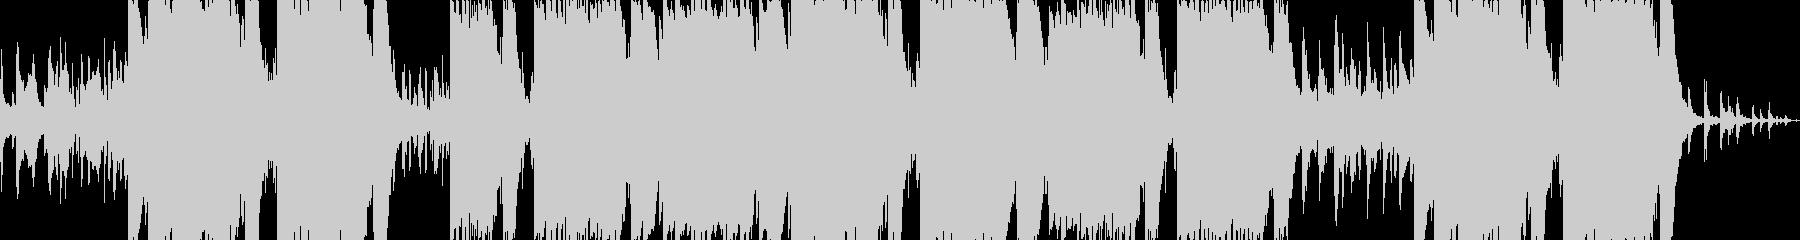 エモいシンセのメロディックトラップの未再生の波形